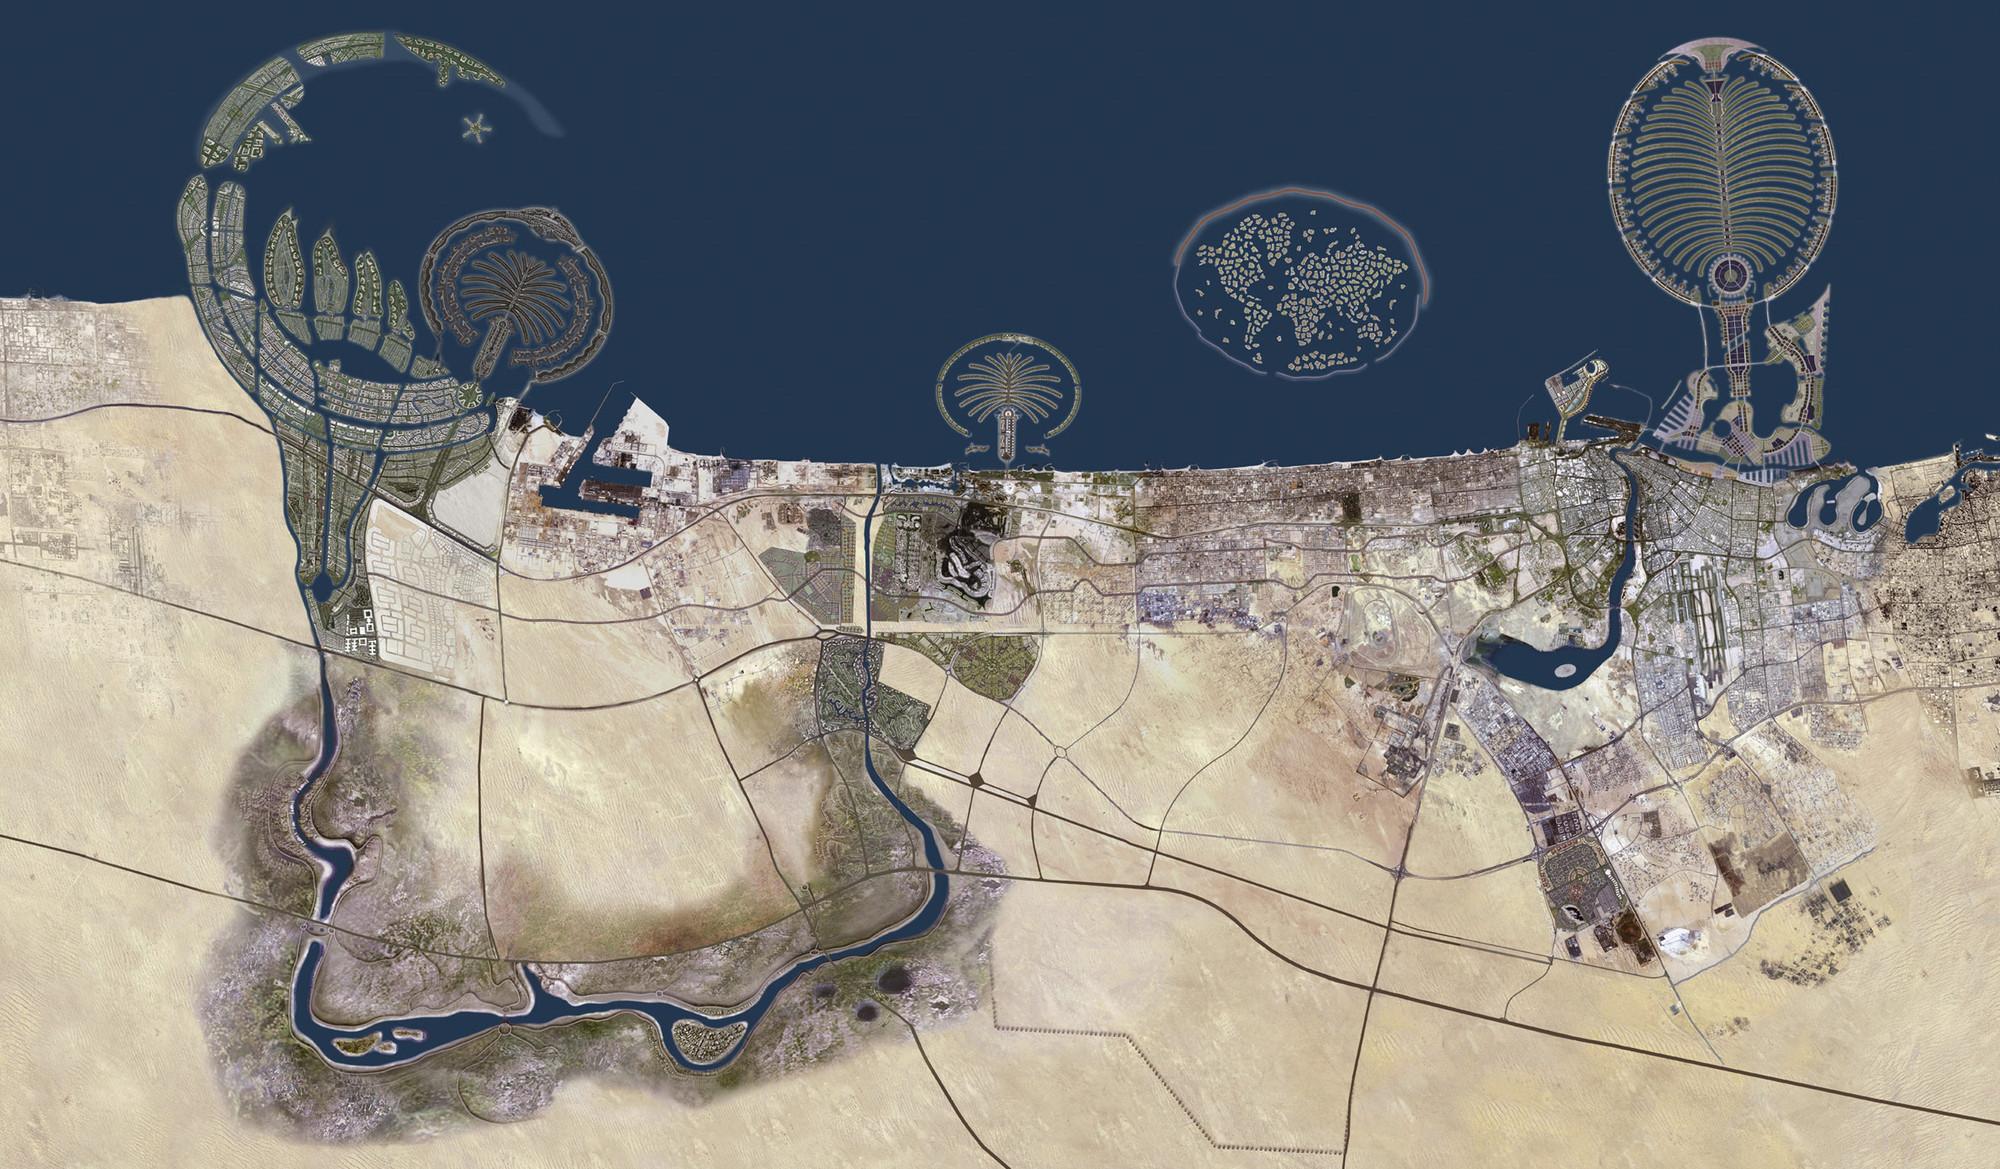 Dubai - Emiratos Árabes Unidos. Imagen Cortesía de http://obviousmag.org/